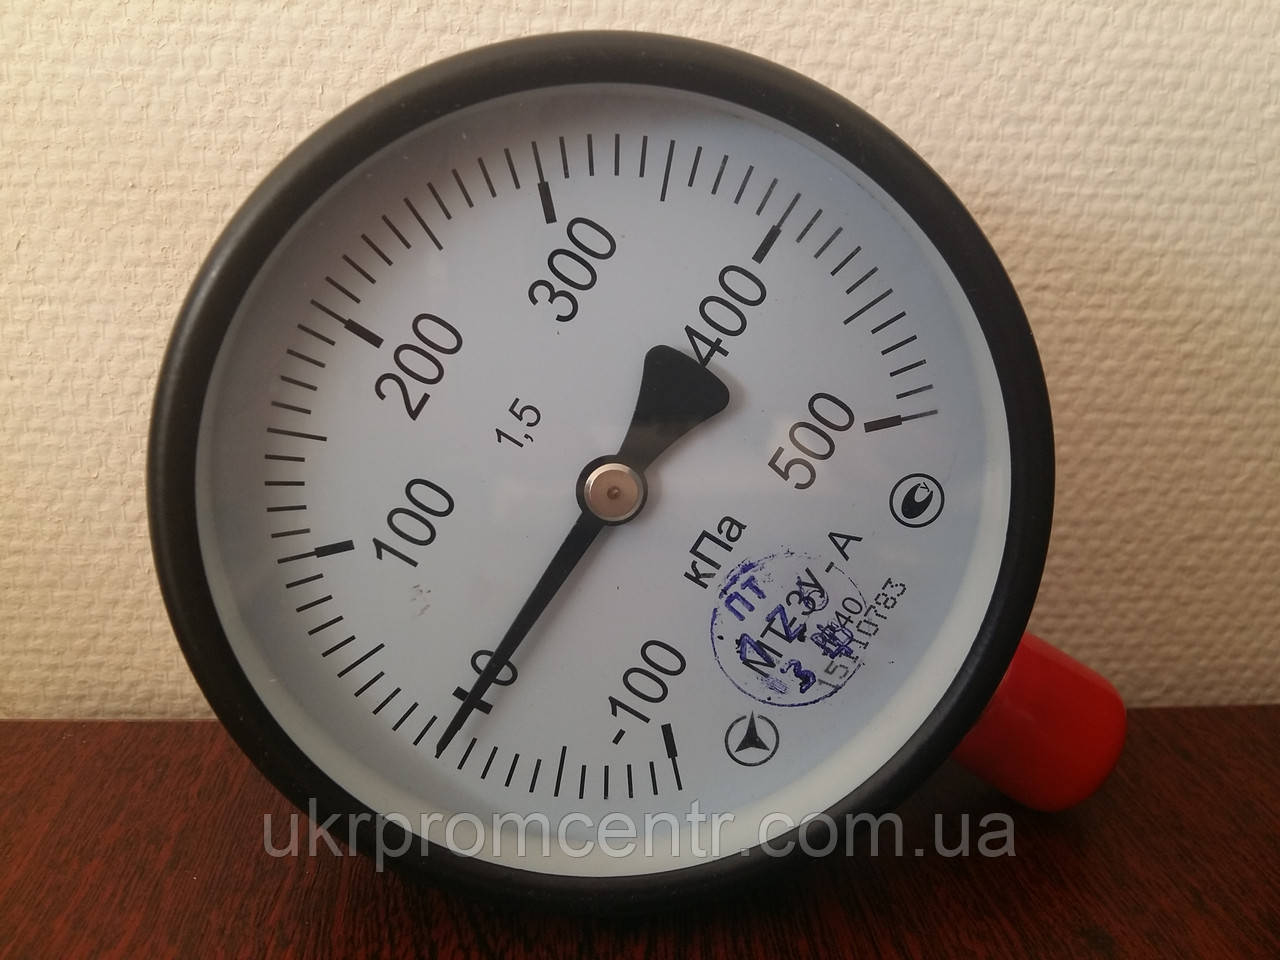 Мановакуумметри МТ-3У-А